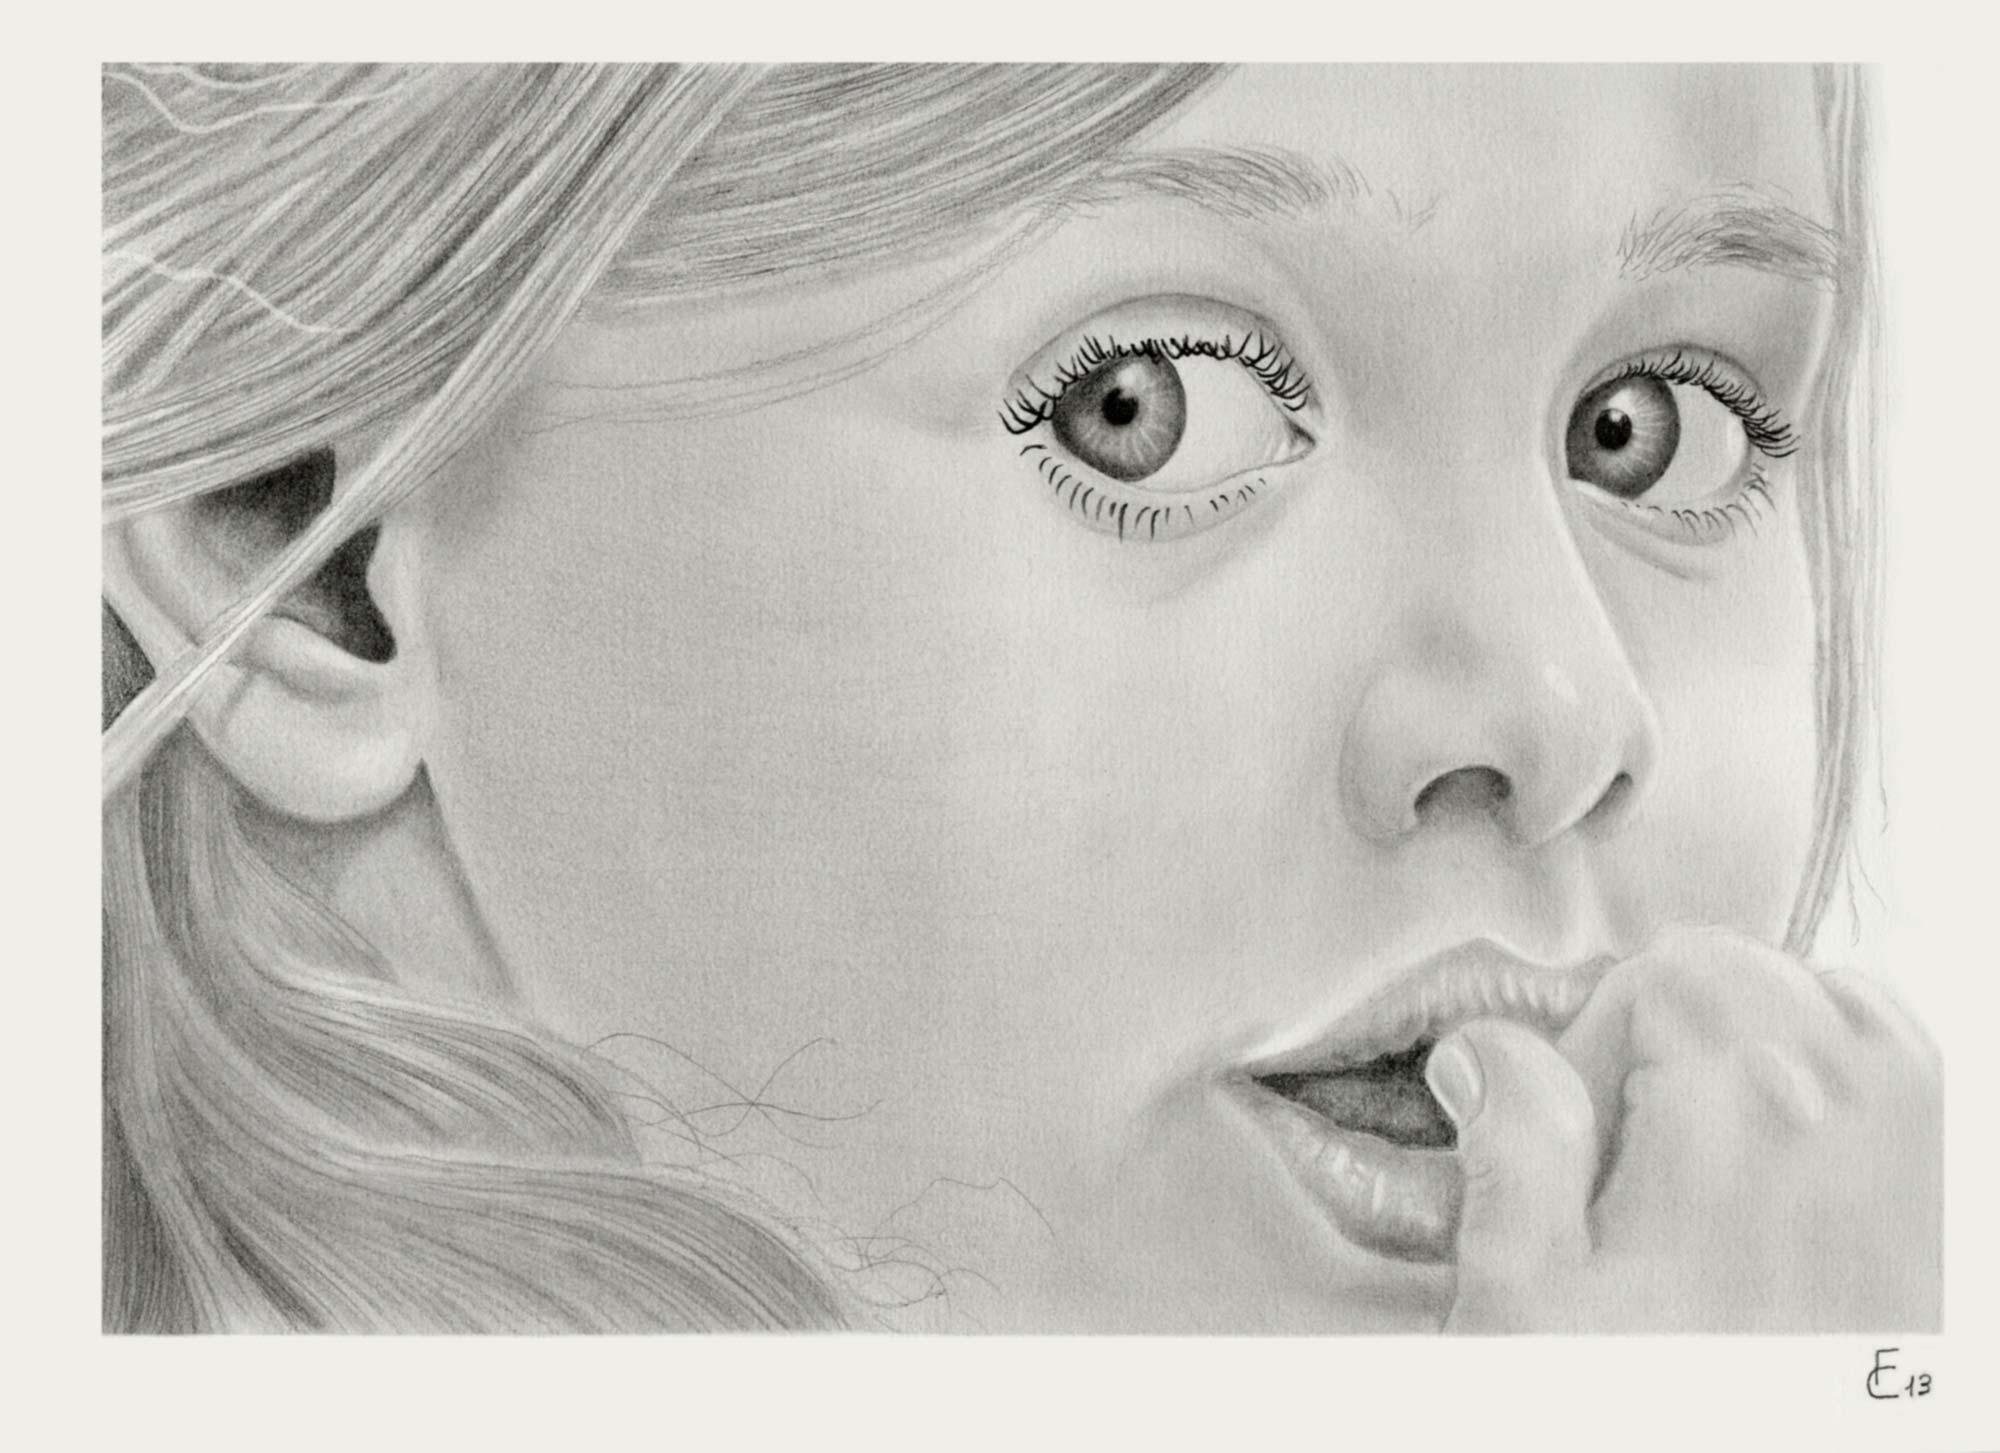 Ritratti a matita di bambini e disegni che arrivano al cuore for Immagini da disegnare a matita facili